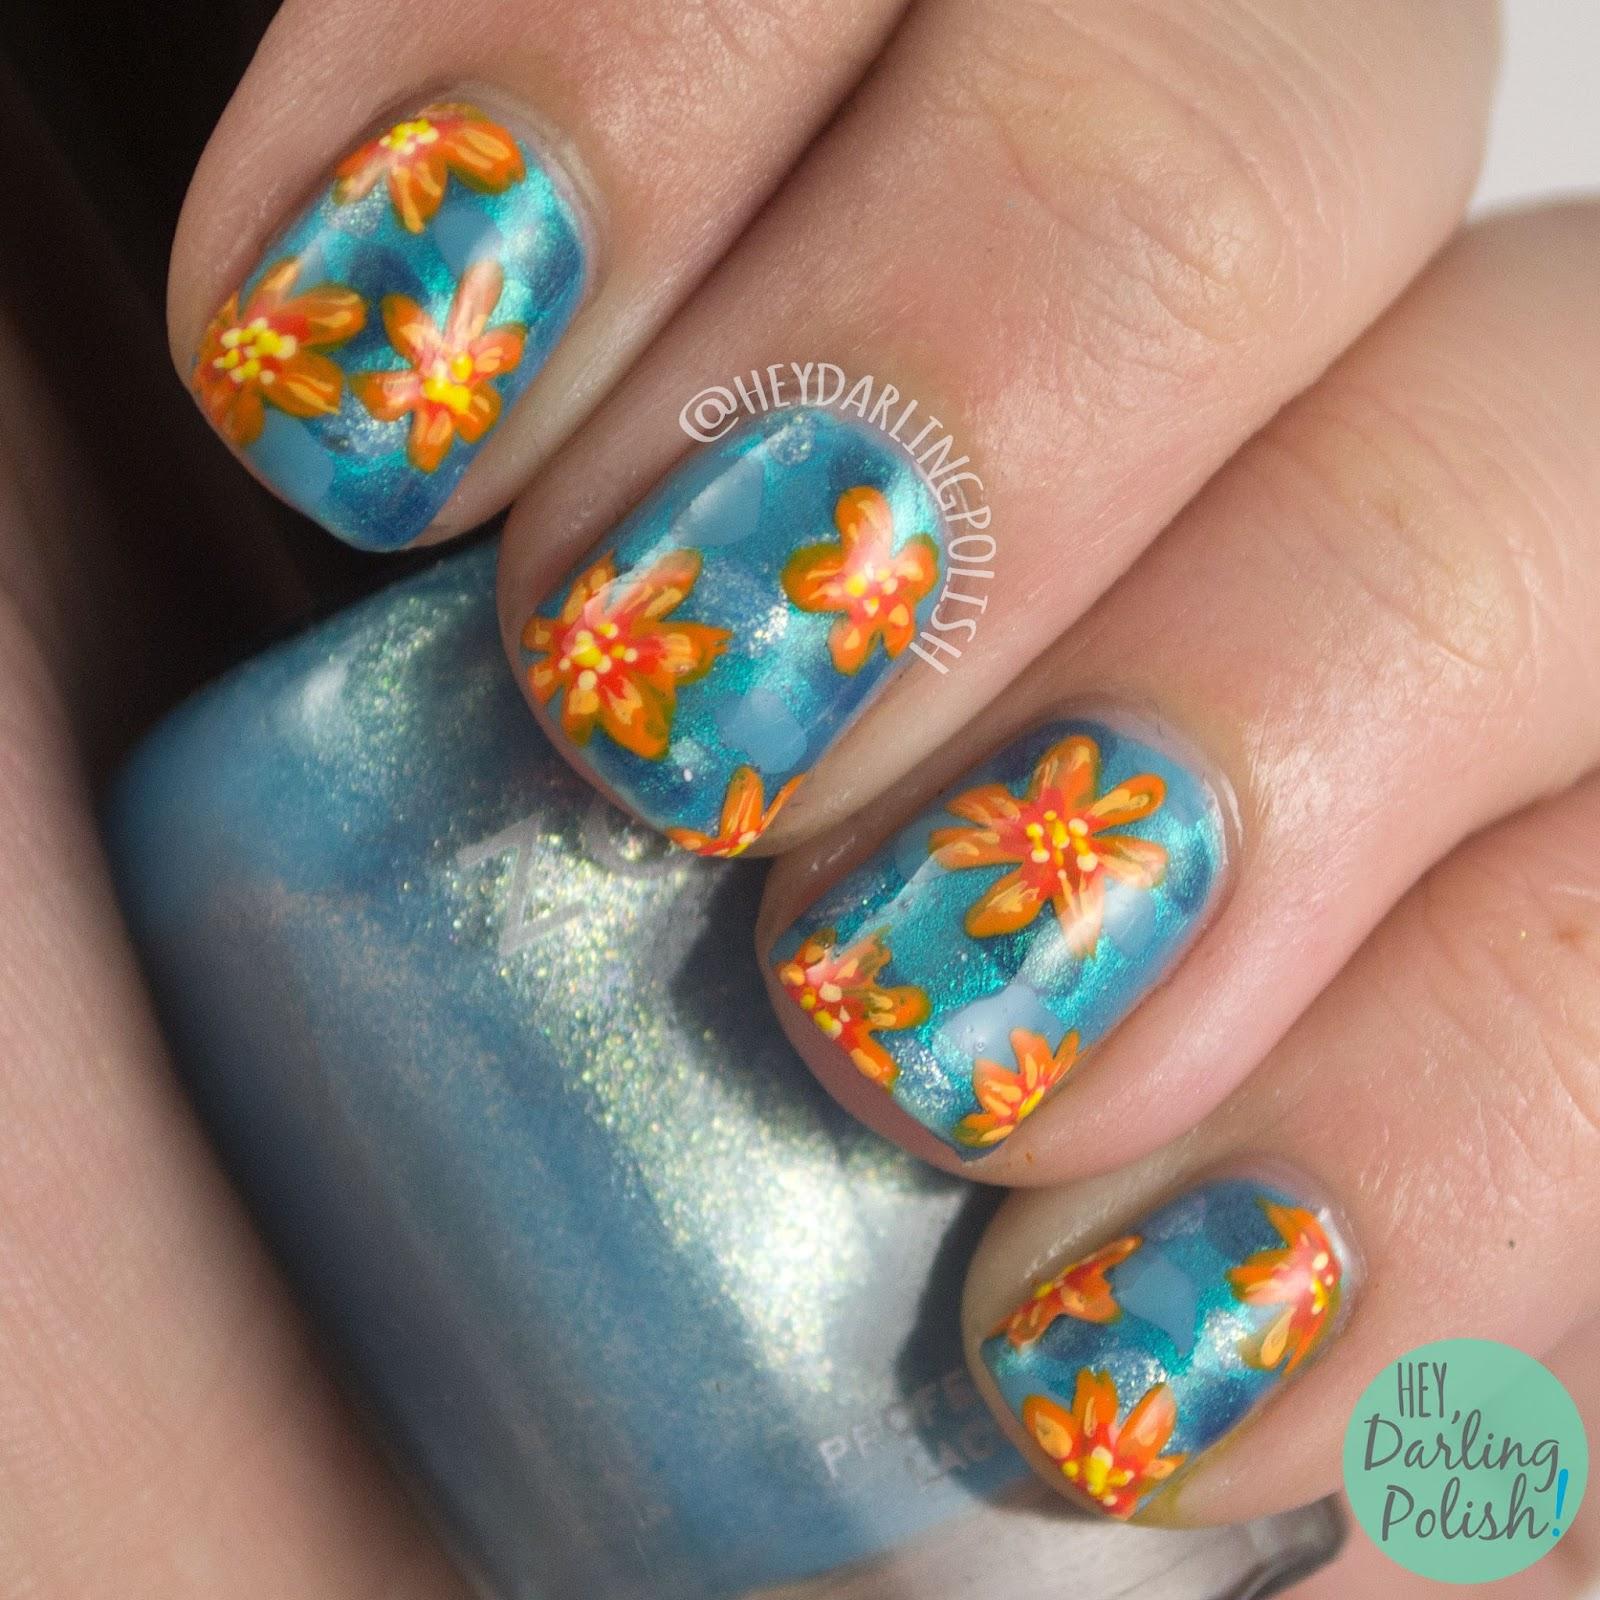 nails, nail art, nail polish, orange, blue, mosaic, freehand, hey darling polish, freehand nail art challenge